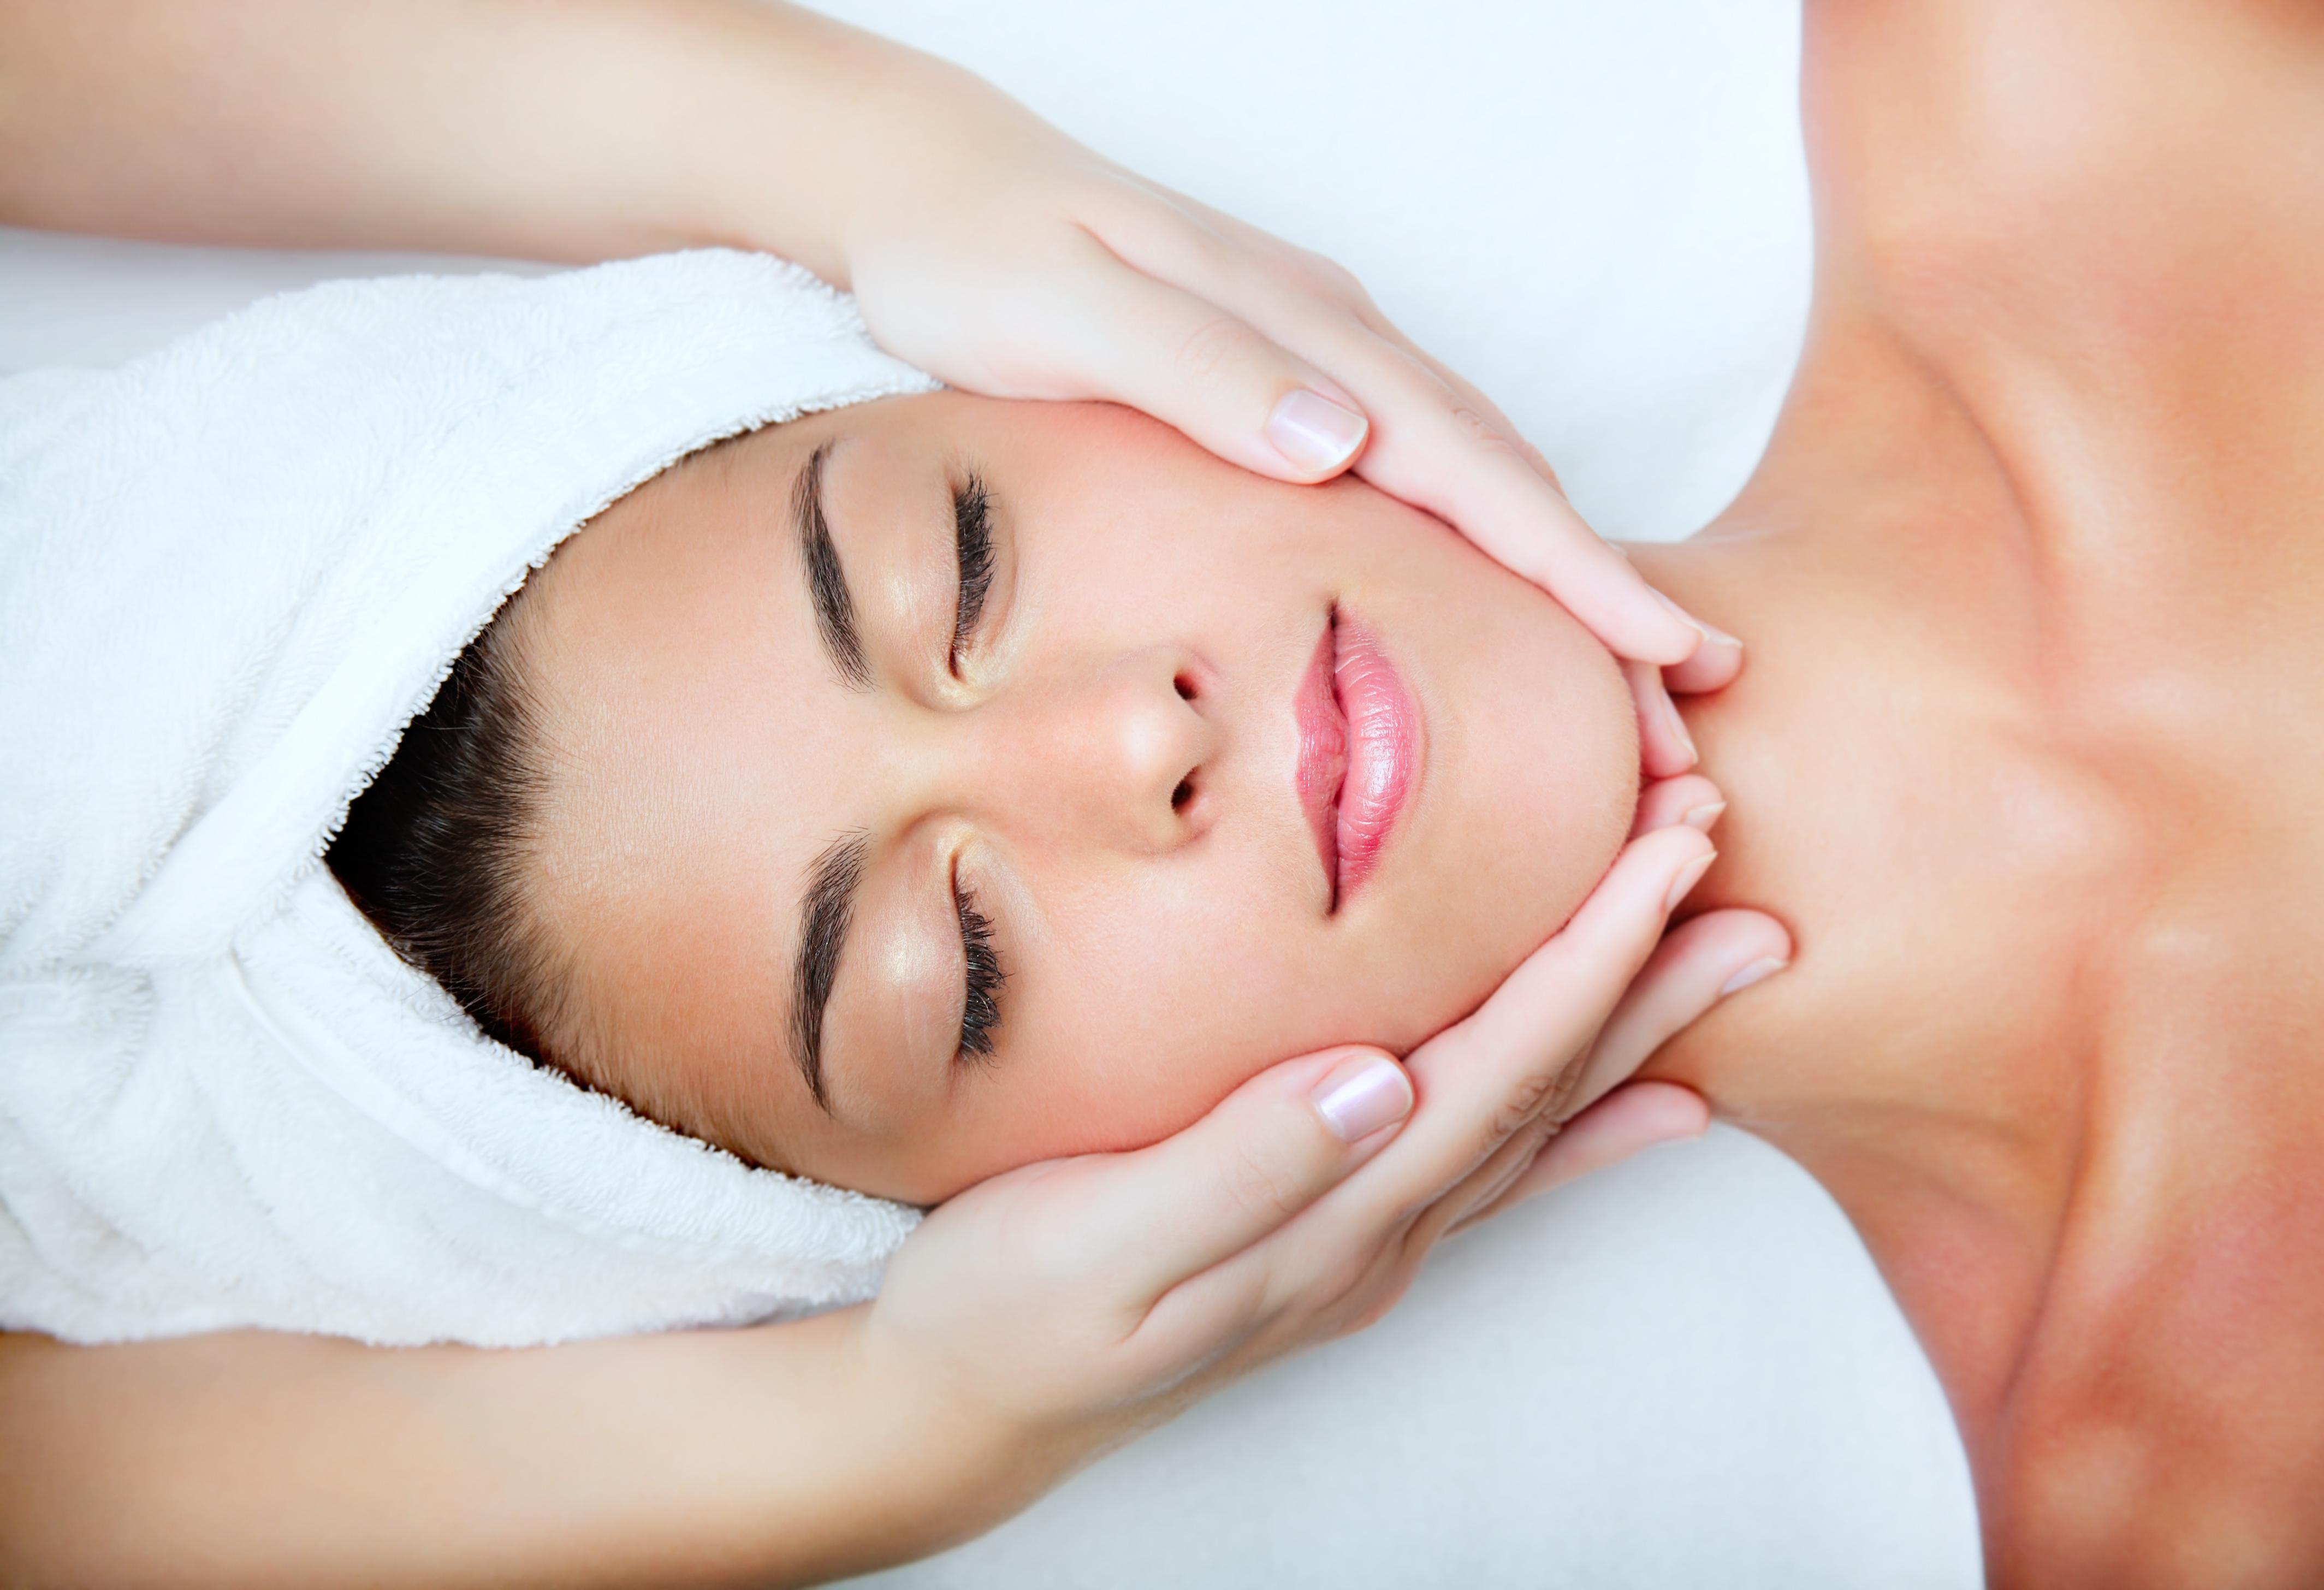 Miten hoitaa kasvoja? Hyödylliset vinkit ja tehokkaat kauneustuotteet